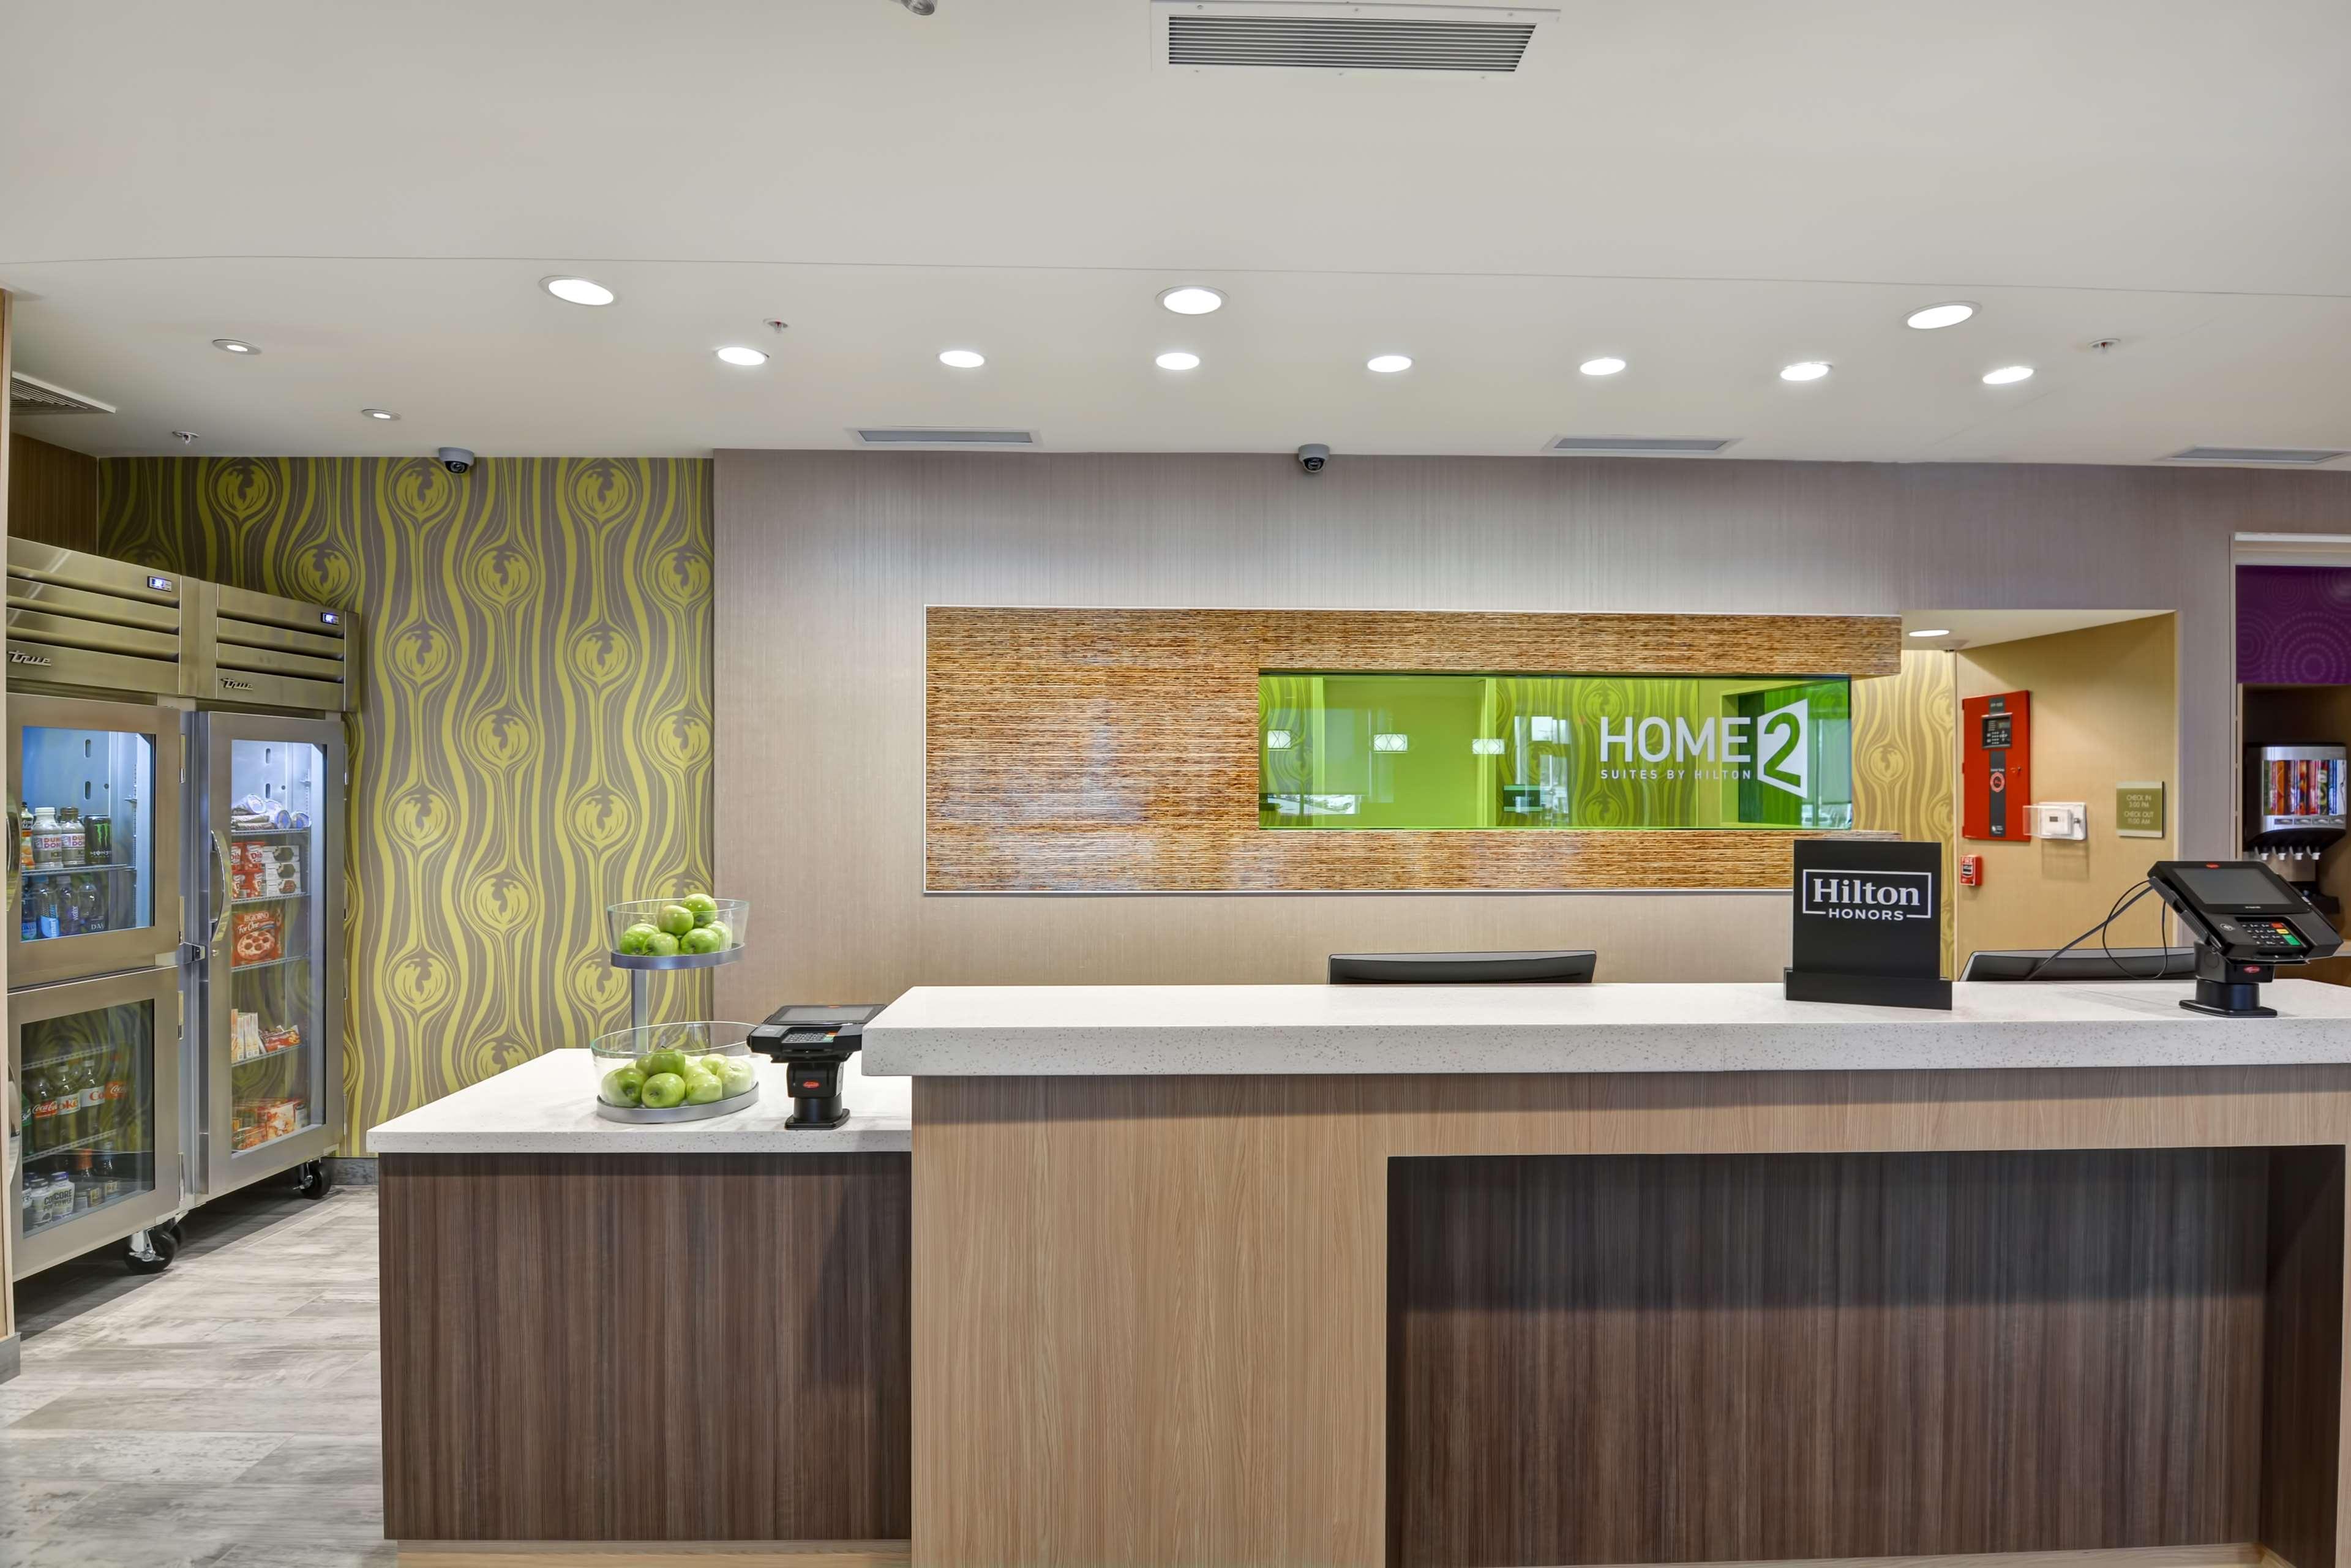 Home2 Suites by Hilton Lafayette image 5